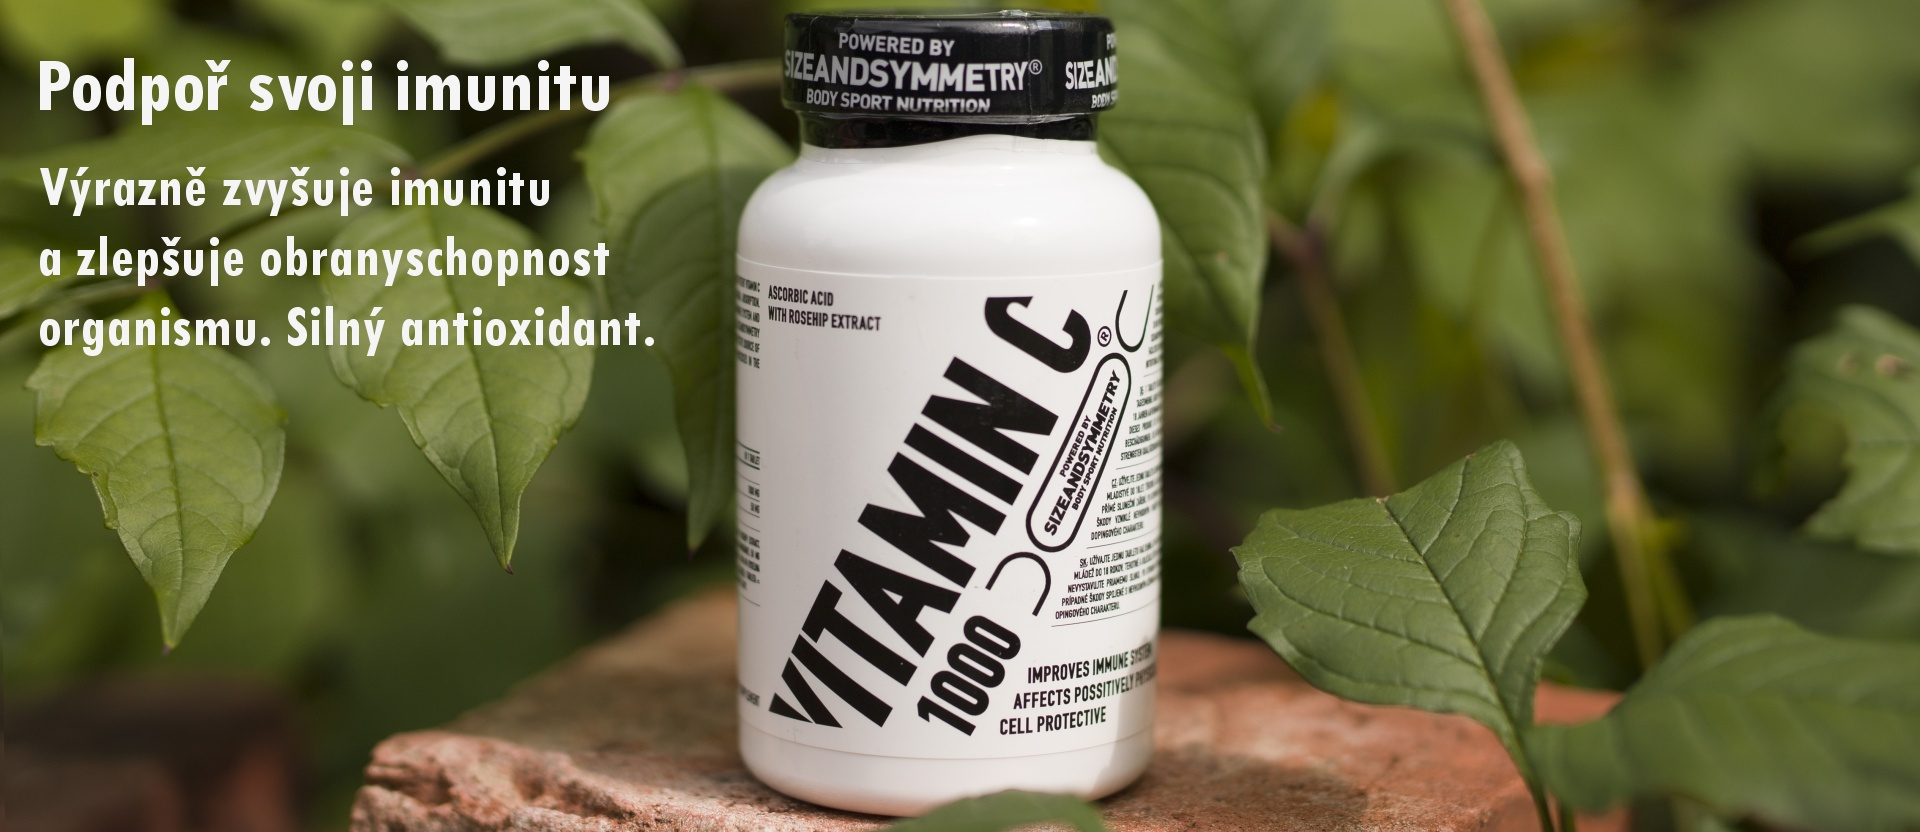 Vitamín C 1000 Sizeandsymmetry